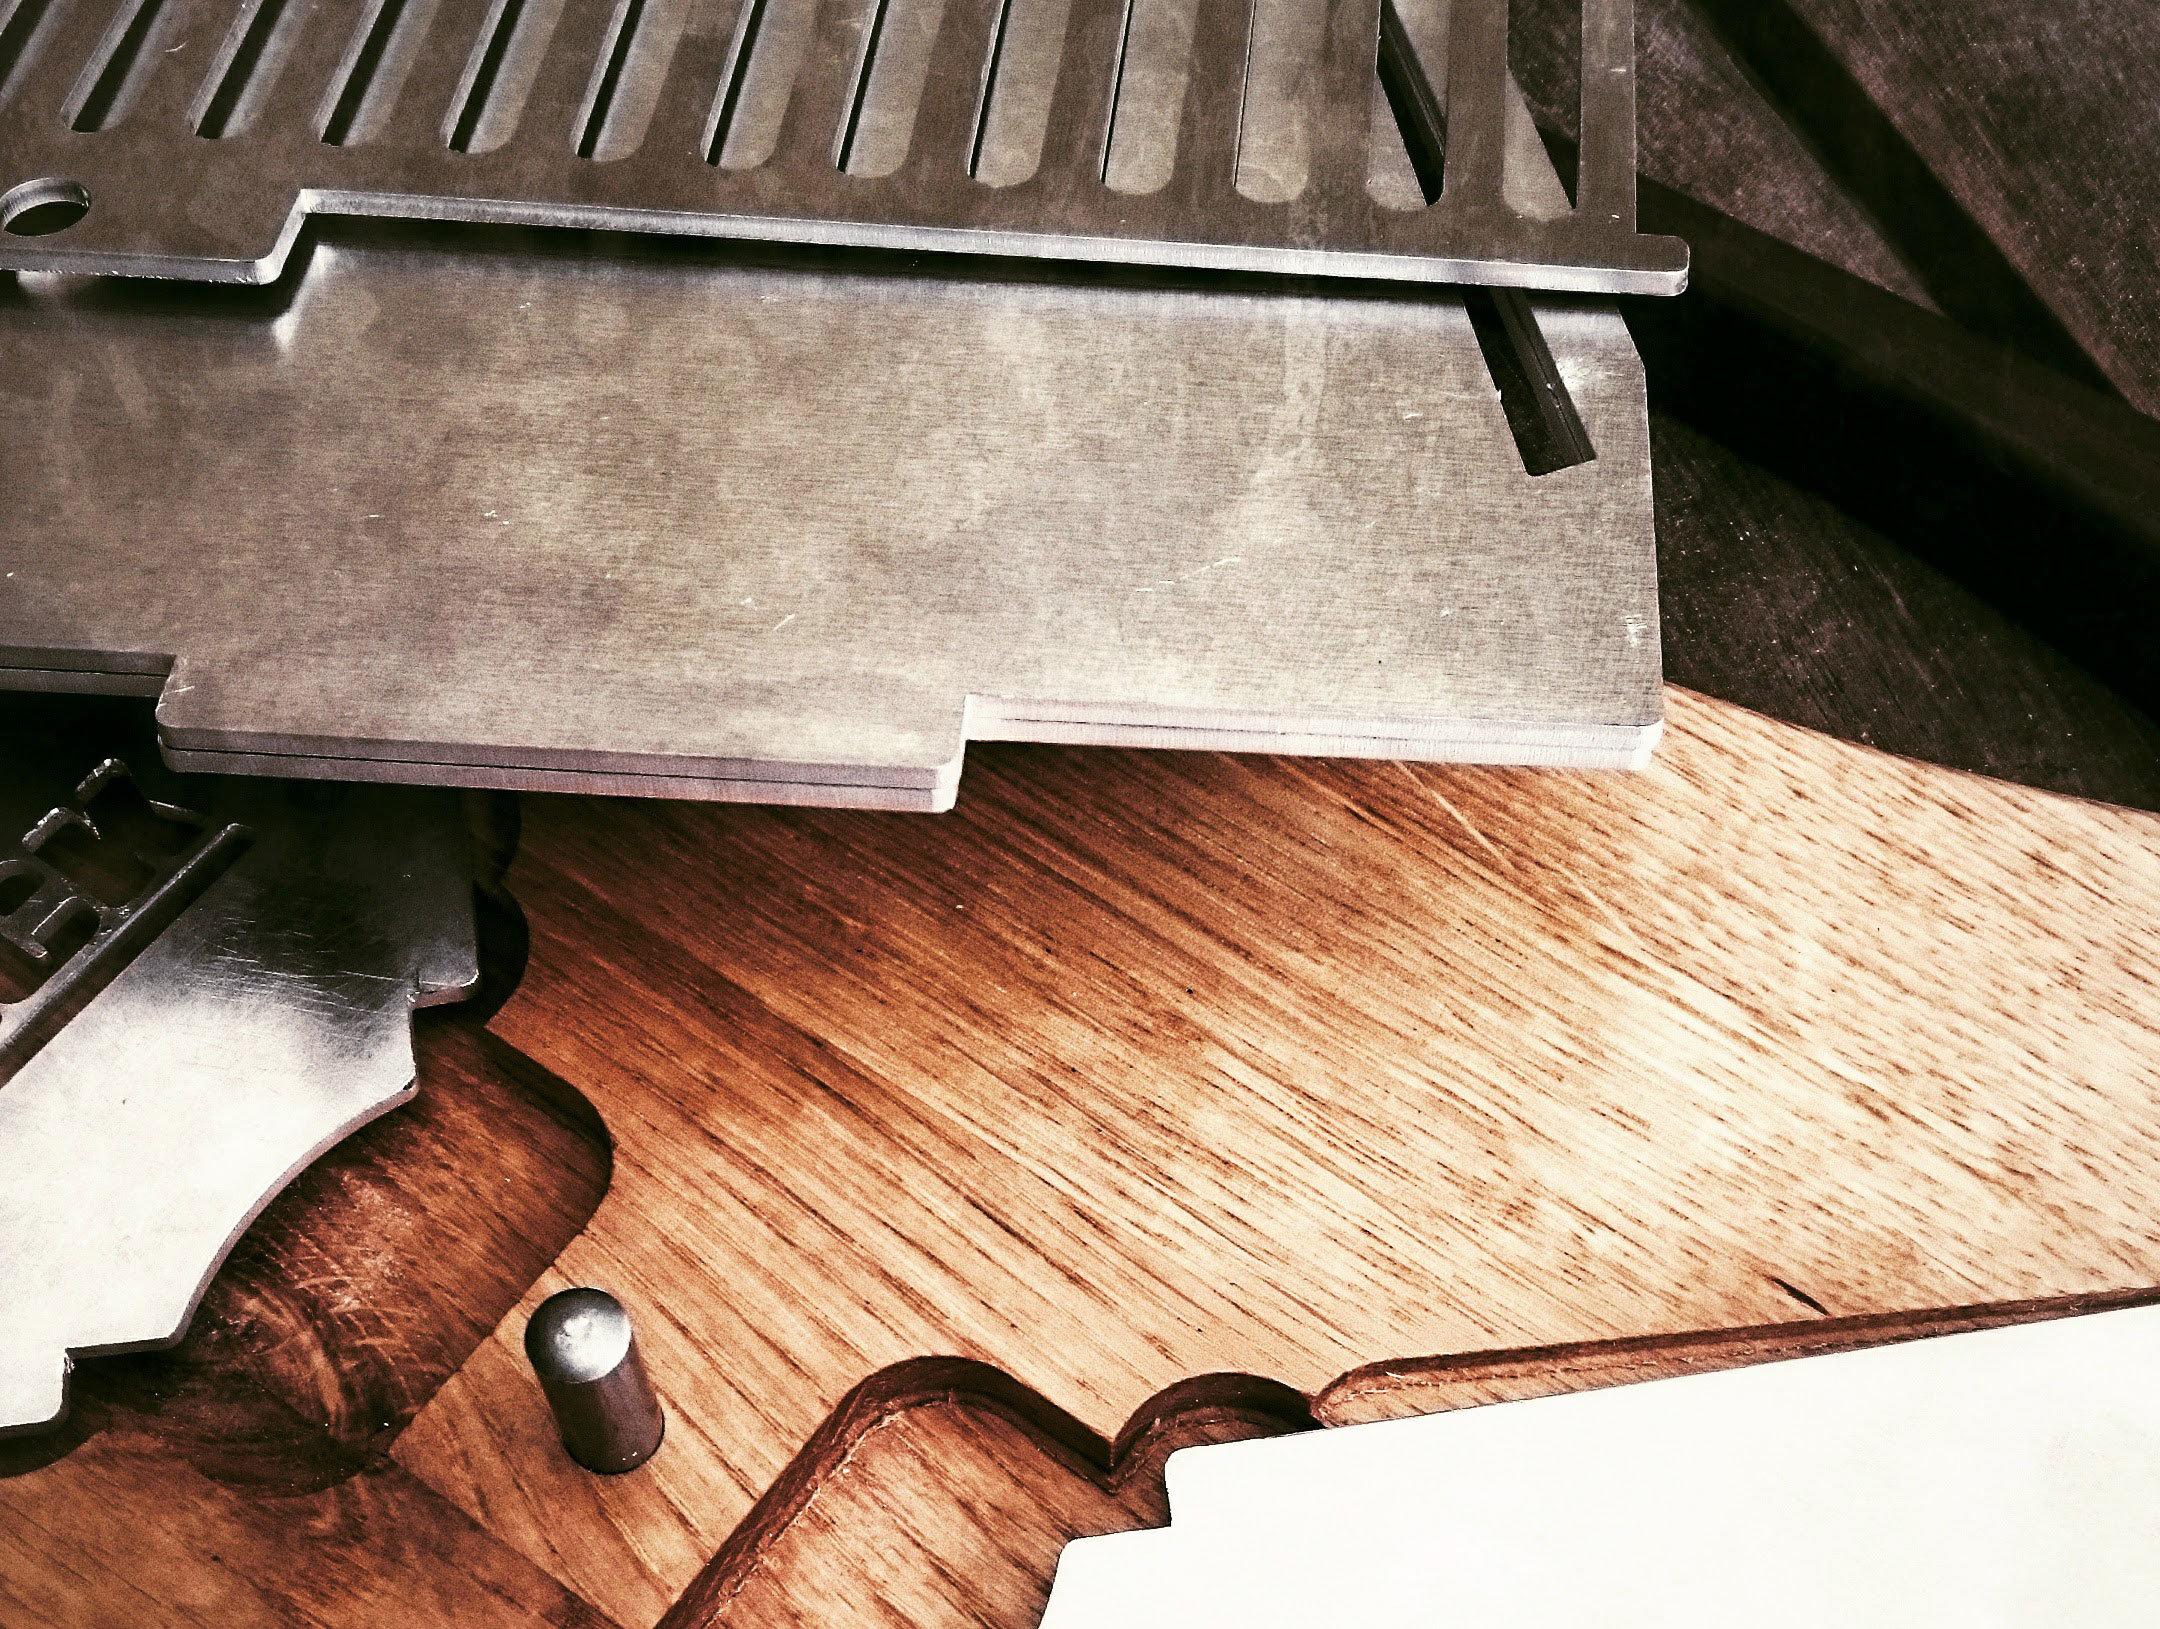 Edelstahlteile und Holzplatte